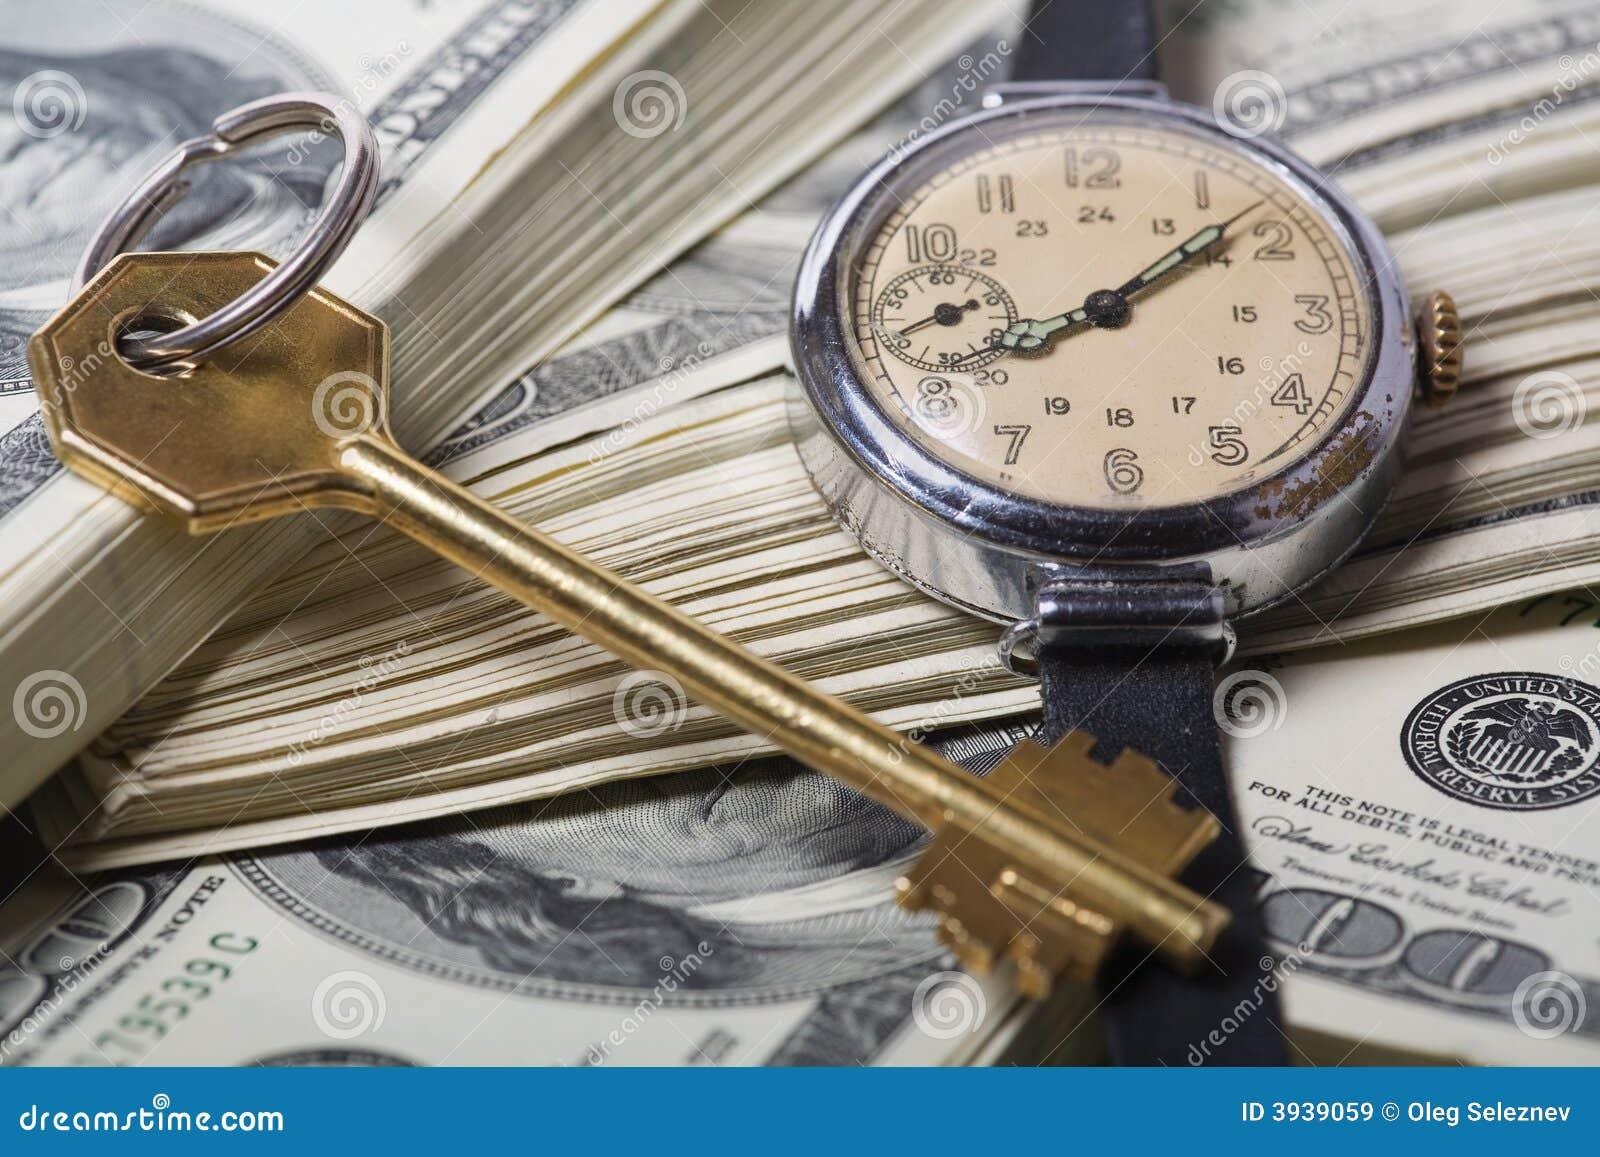 Biznes koncepcji pieniądze razem sukcesem